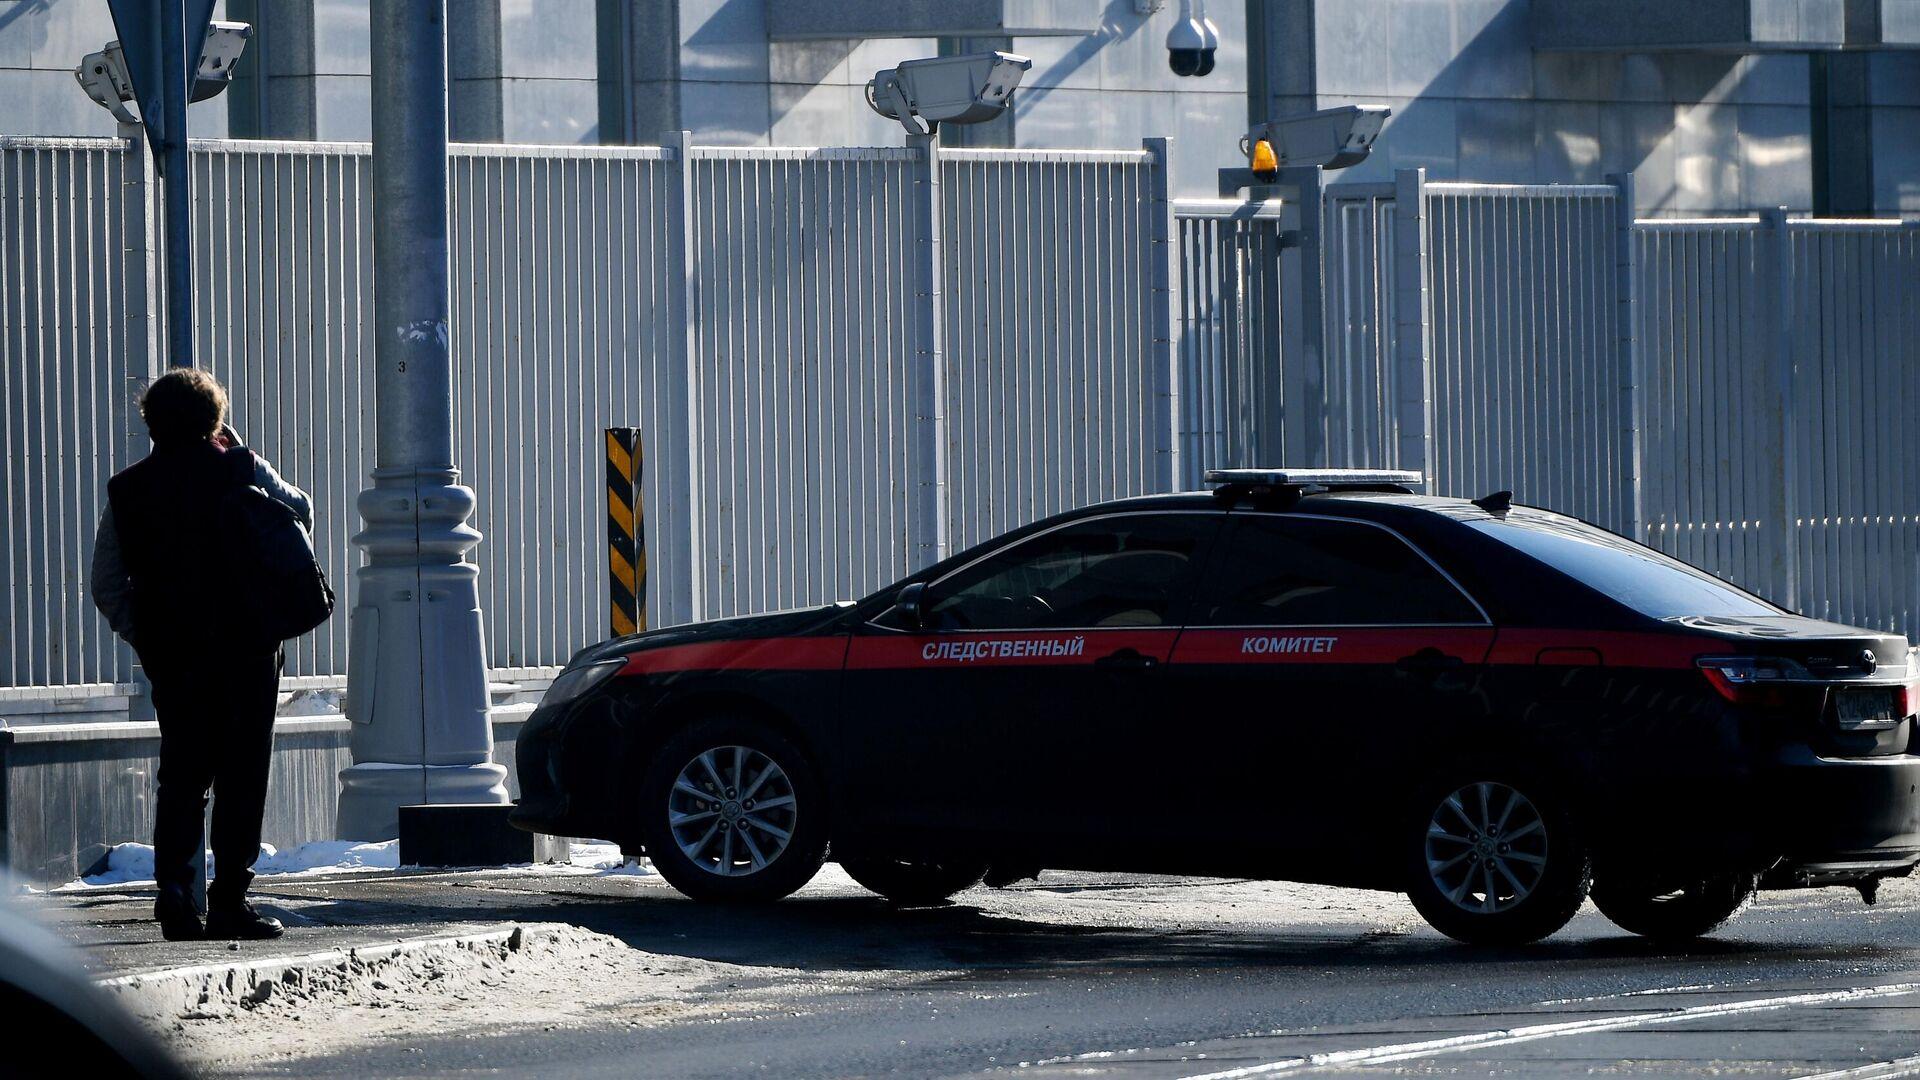 Служебный автомобиль возле здания Следственного комитета РФ в Москве - РИА Новости, 1920, 02.03.2021